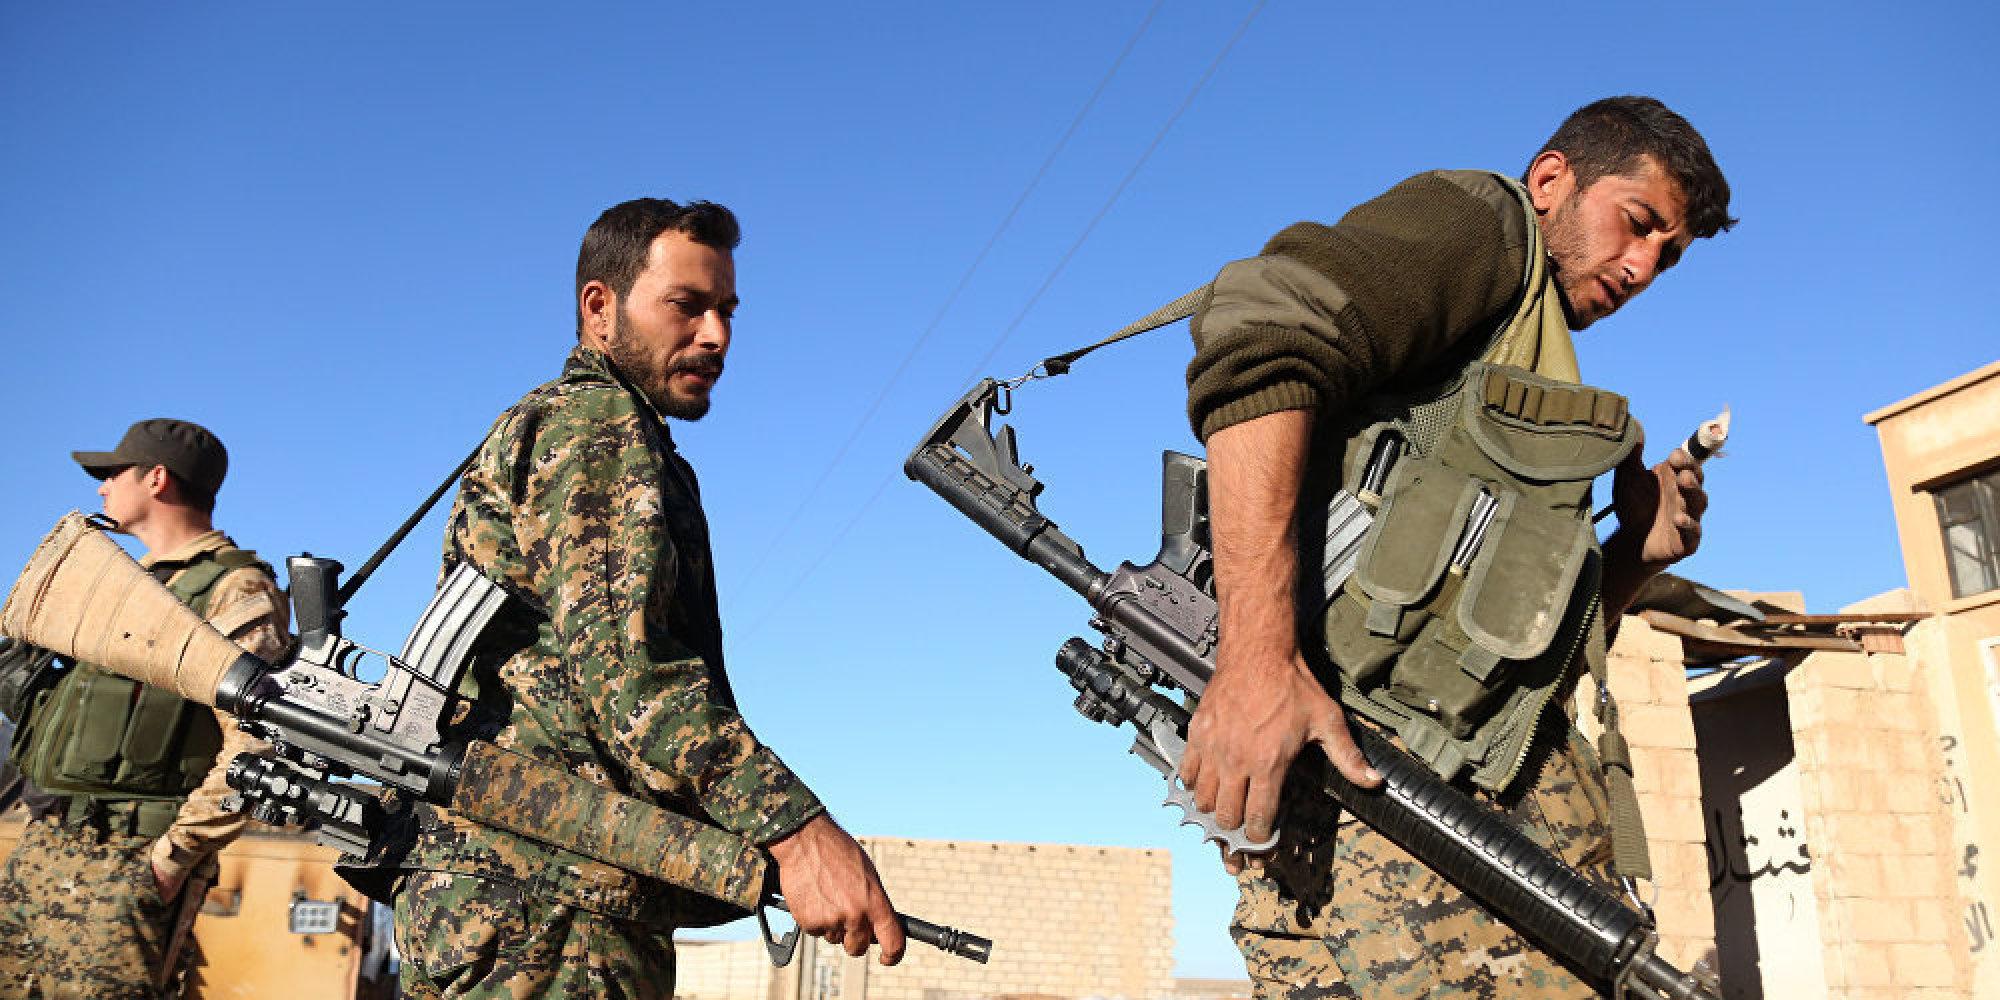 قوات سوريا الديموقراطية تسيطر على مطار الطبقة بعد معارك مع داعش